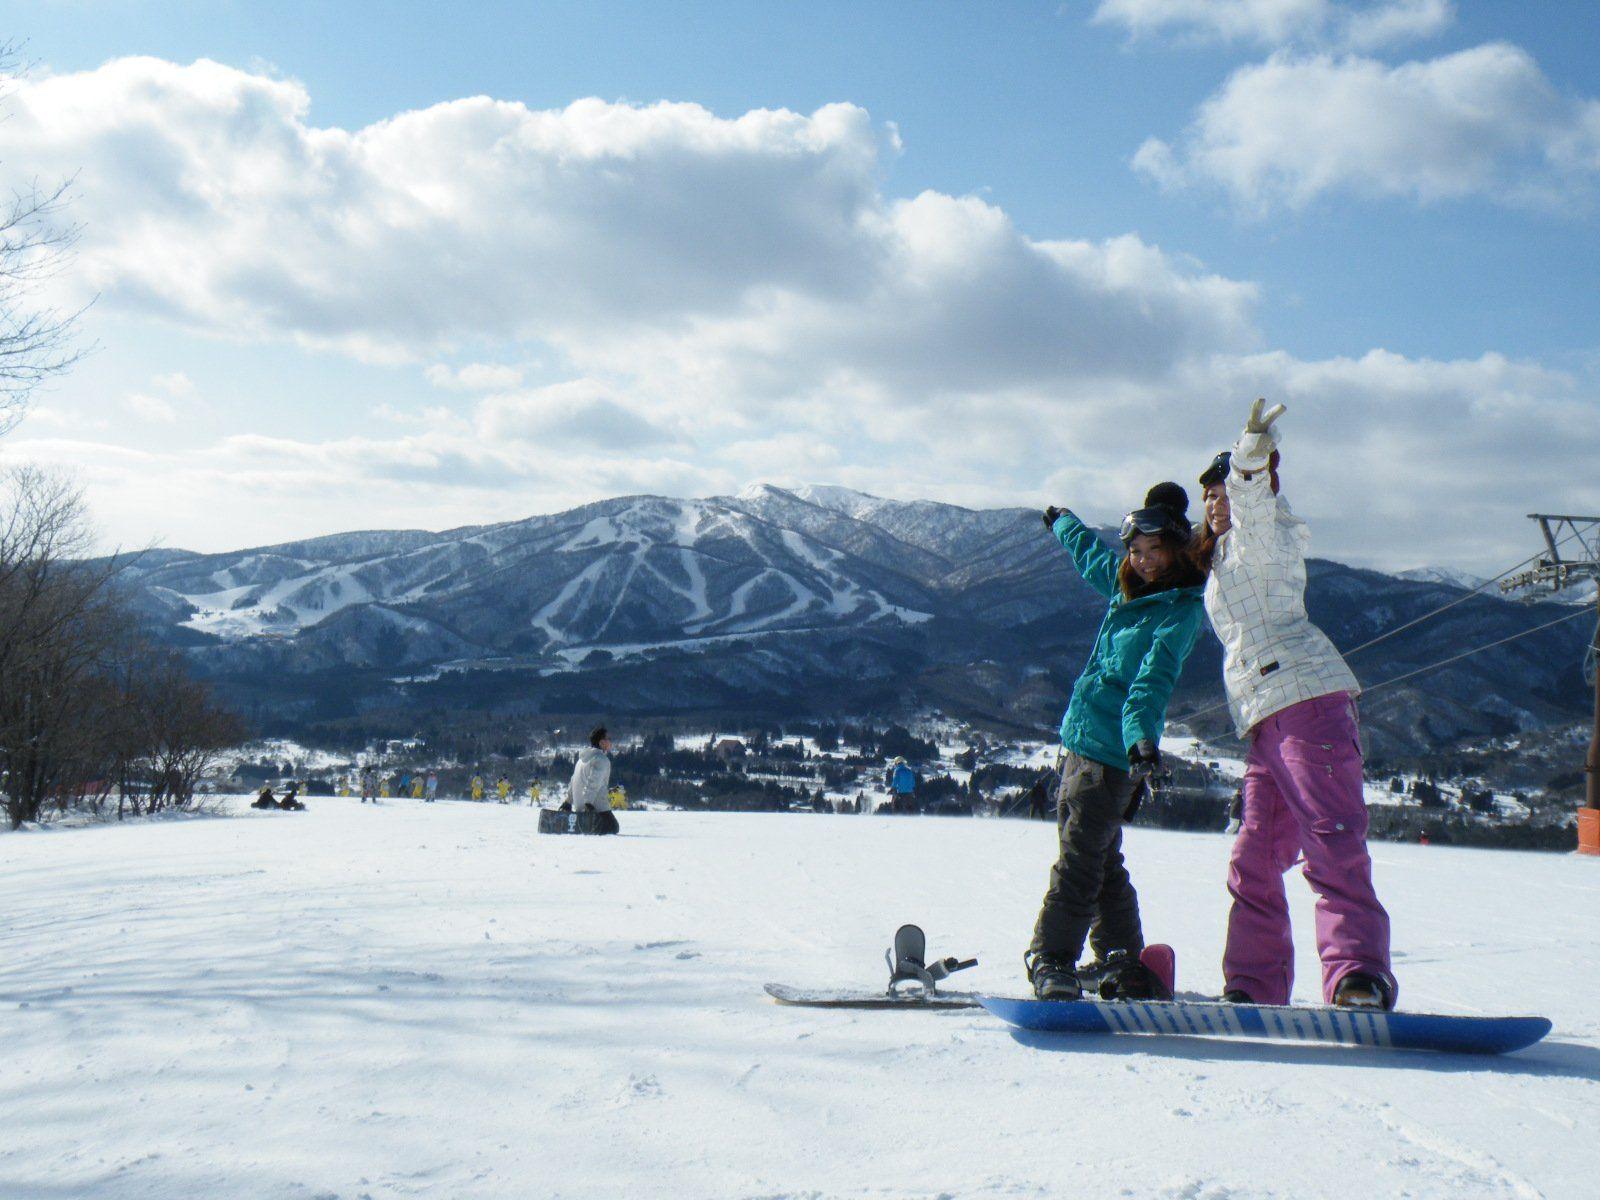 岩手のスキー場おすすめランキング・トップ7!子供や初心者もOK!